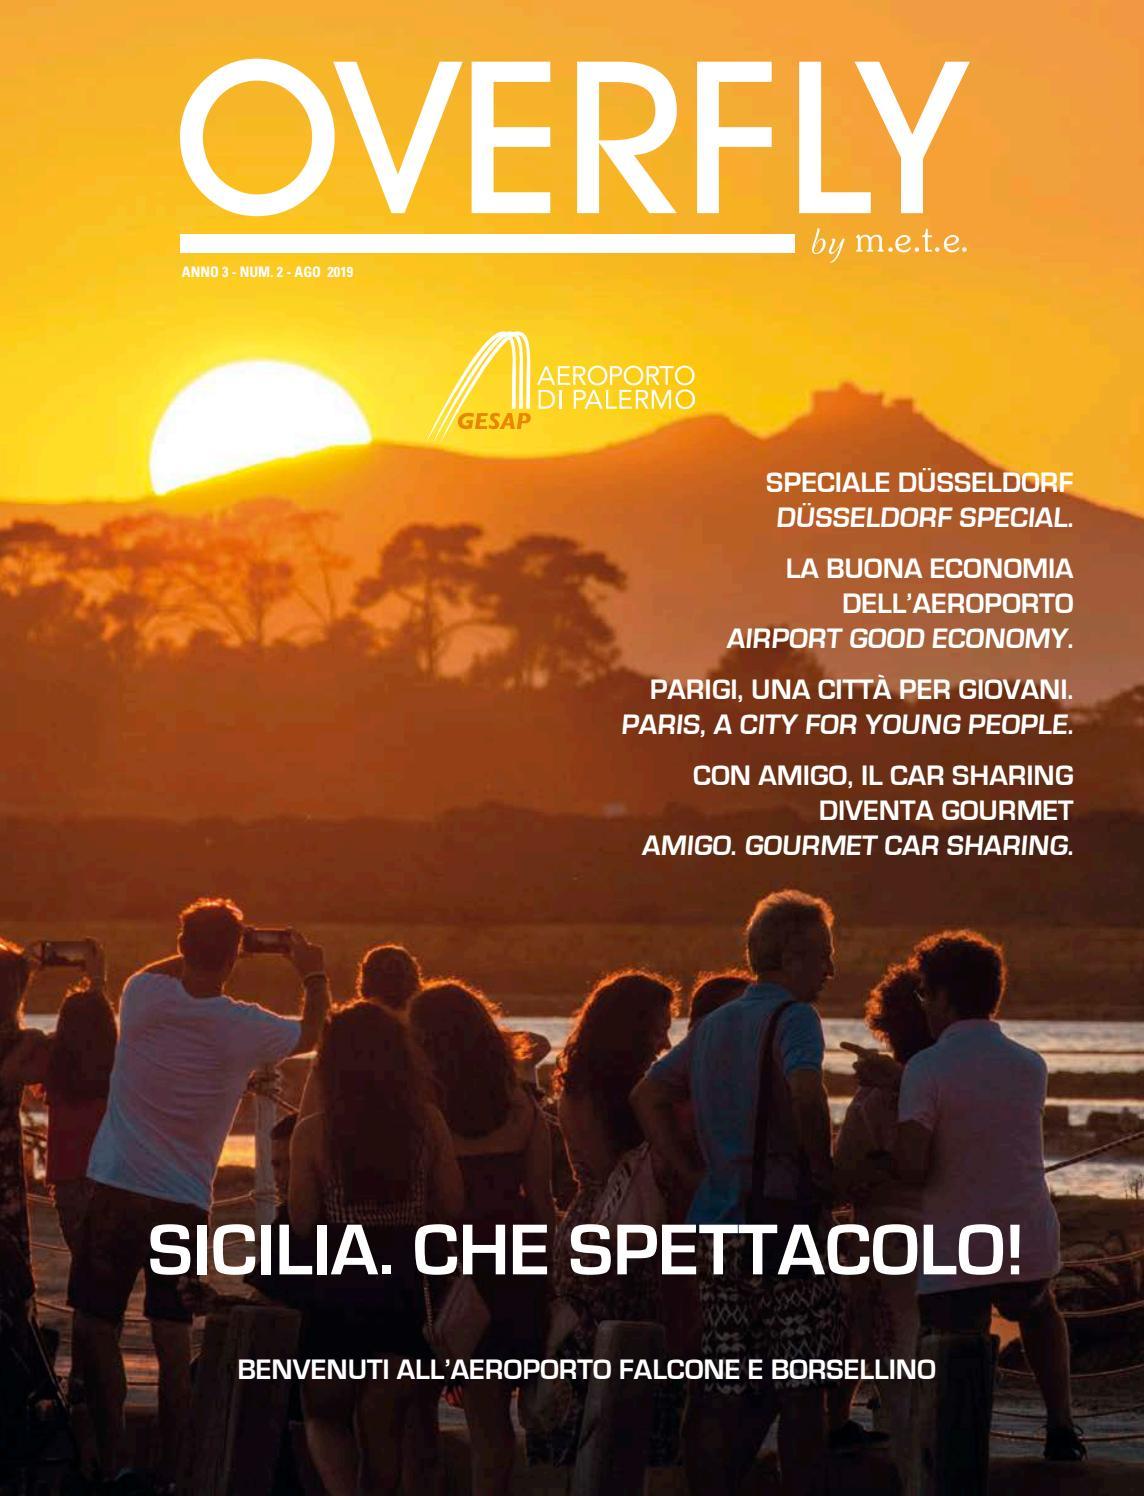 Armonia E Benessere Bagheria overfly agosto 2019 by luigi mennella - issuu